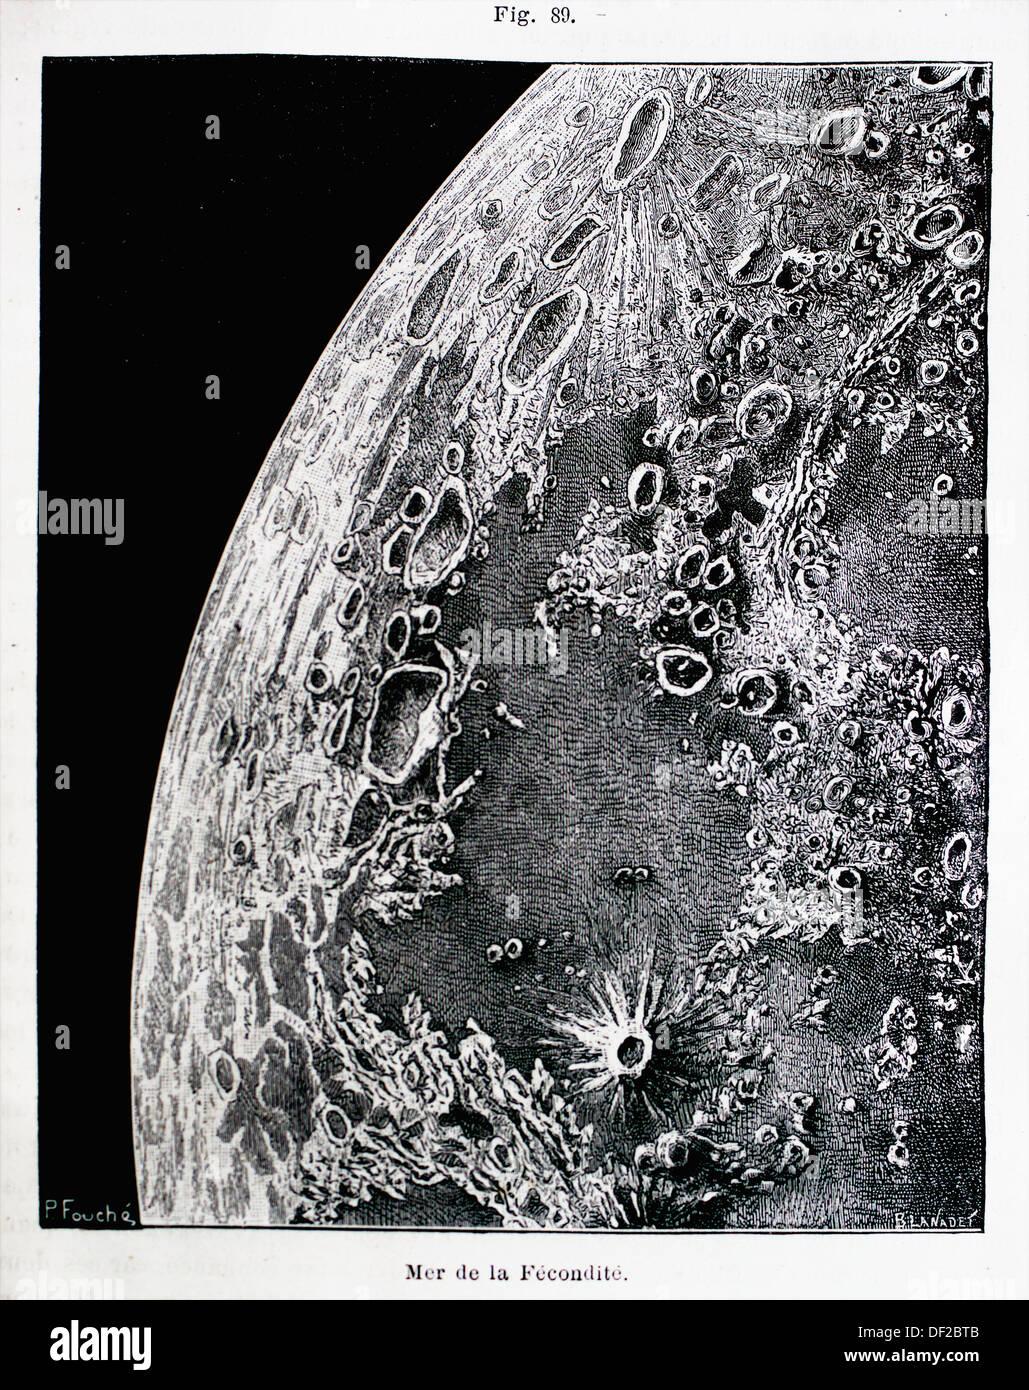 Lunar-Geographie: Meer der Fruchtbarkeit, ´L´Astronomie´ Journal von Camille Flammarion, 1883 Stockbild